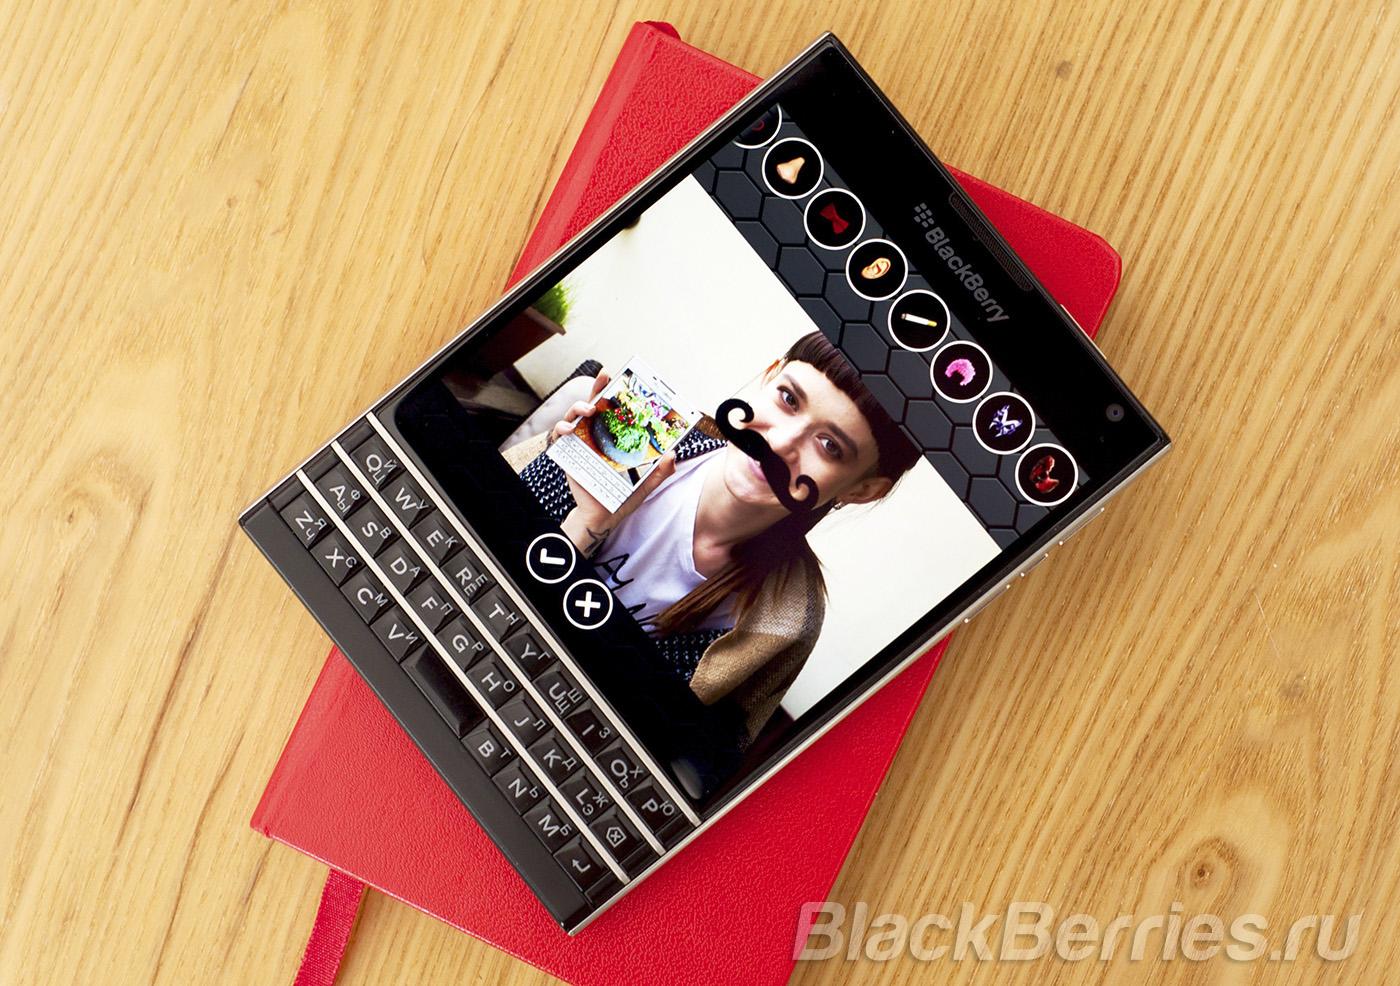 BlackBerry-Apps-28-06-5